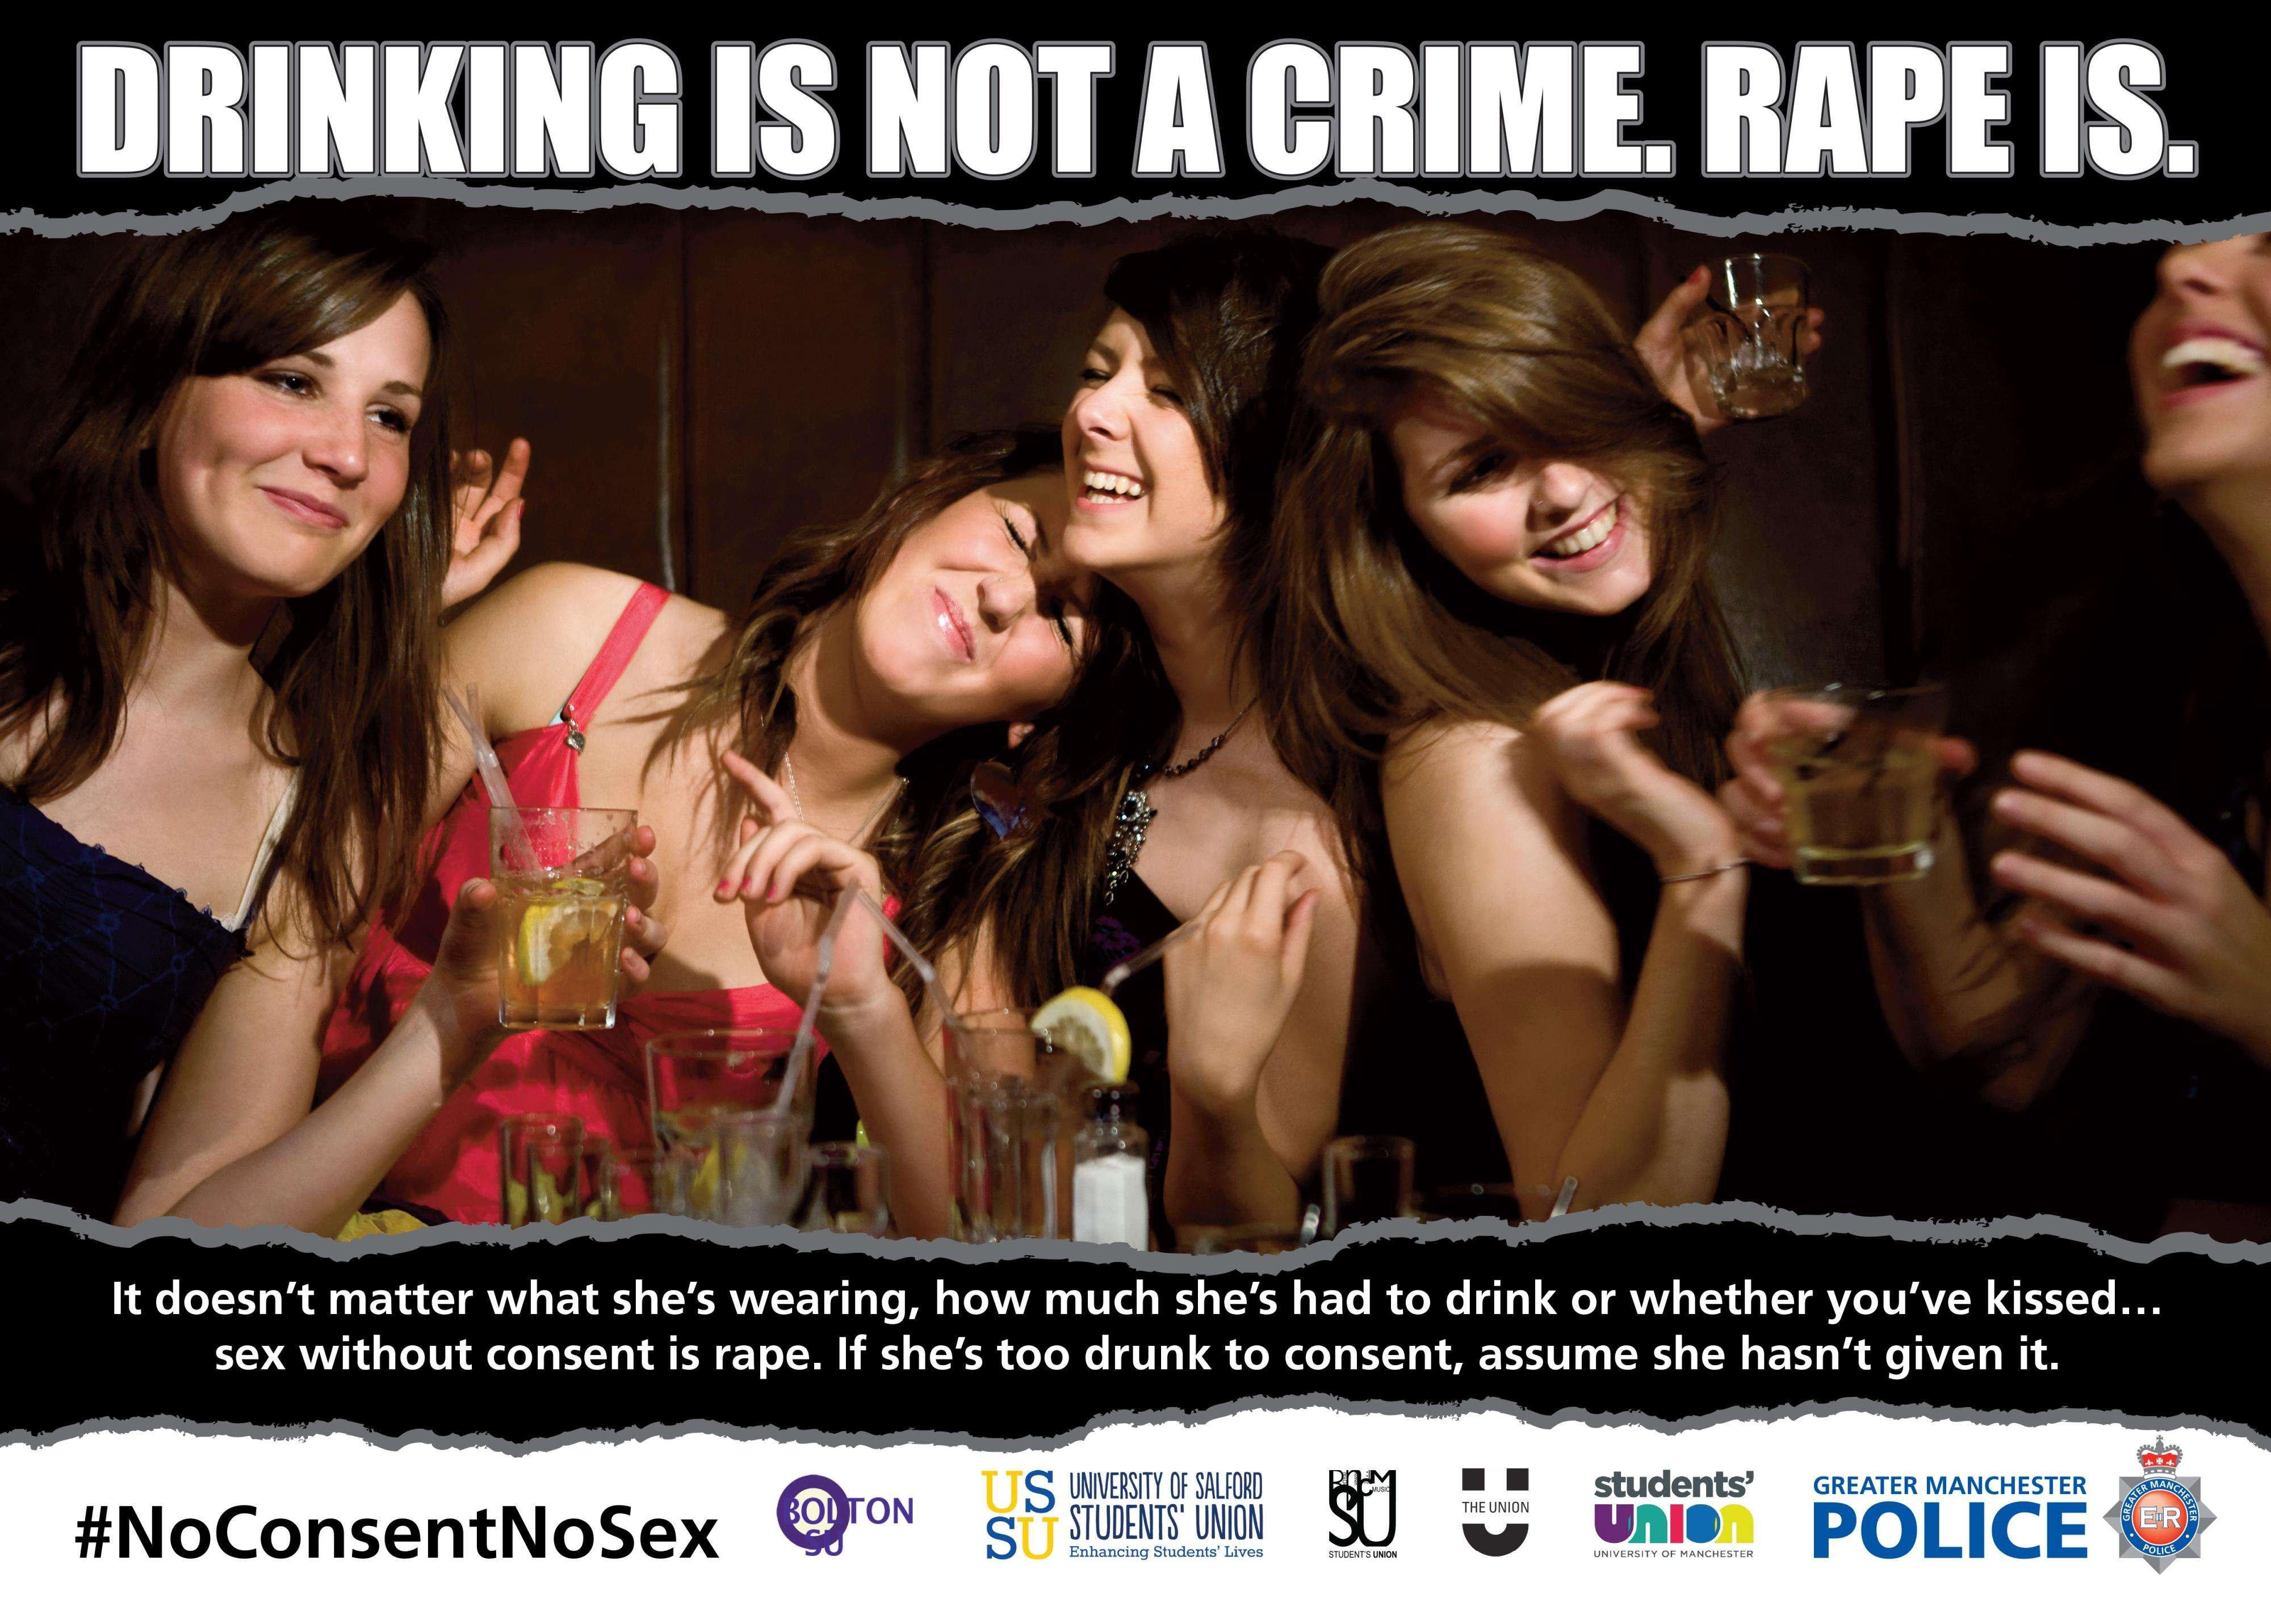 Campanha da polícia de Manchester enfatiza que beber não crime, mas estupro é (Foto: Polícia de Manchester) Foto: BBCBrasil.com